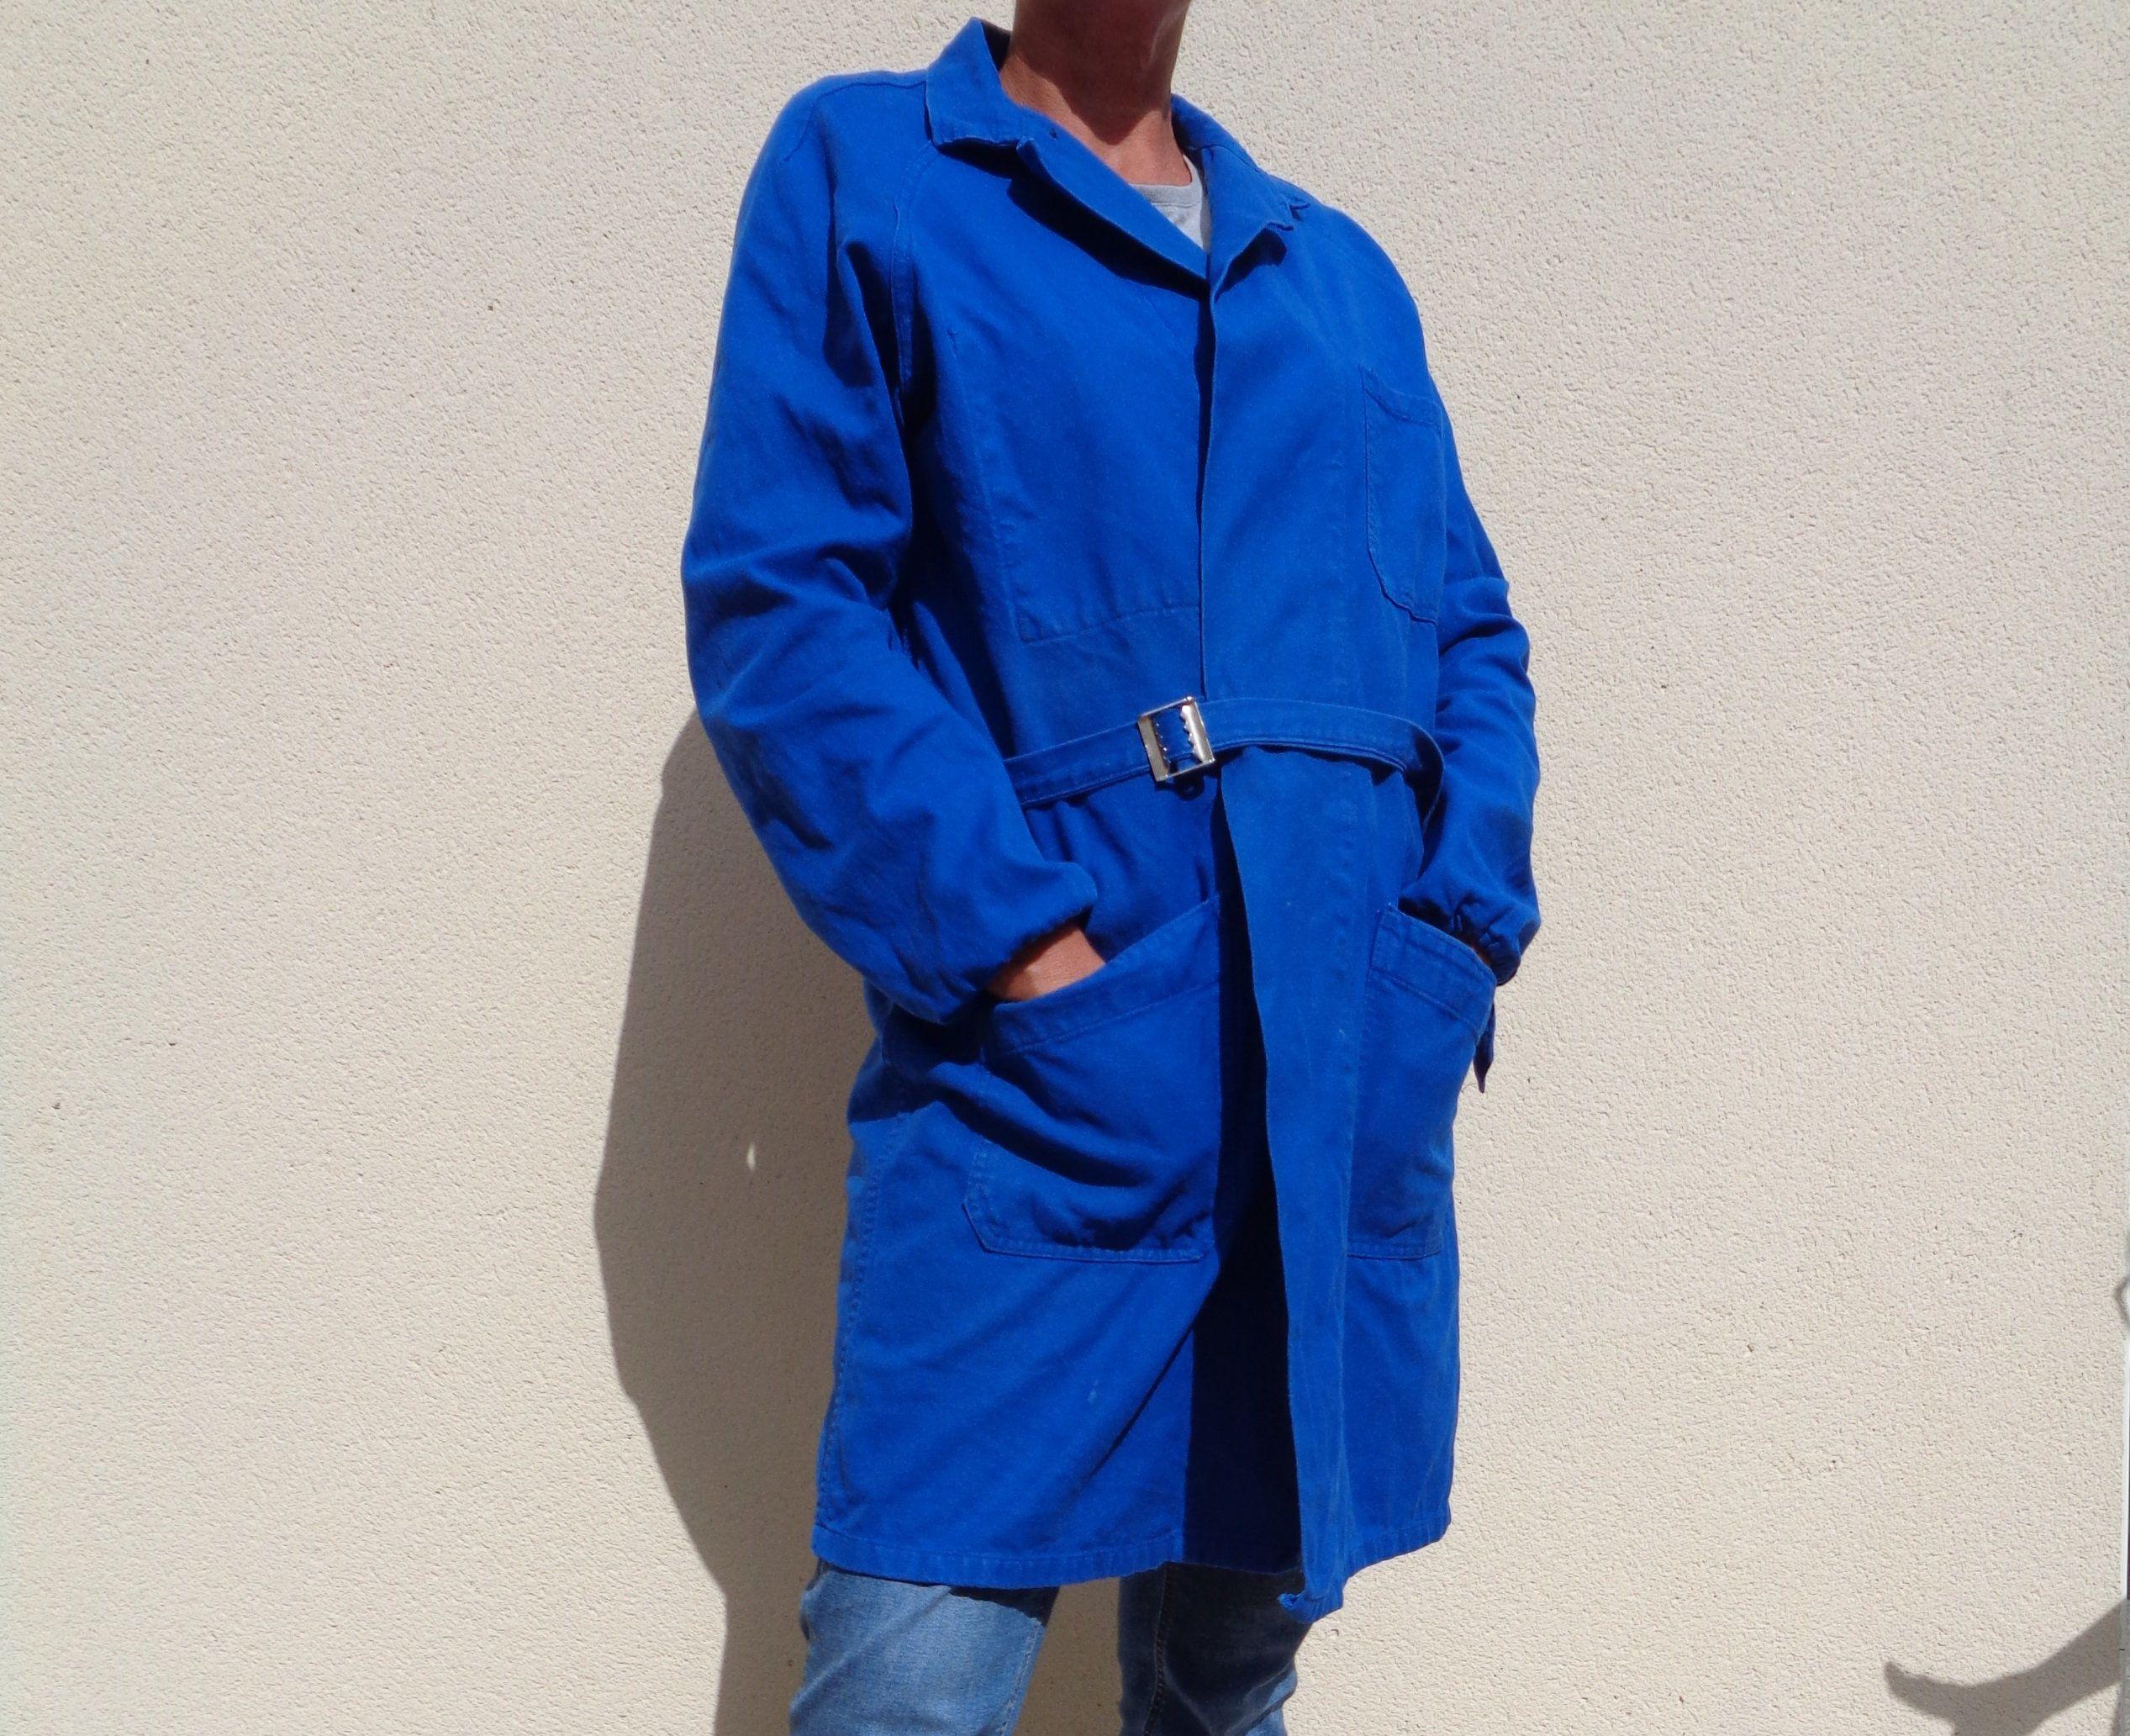 60s Stil Gewaschen Indigoblau Französisch Jacke Arbeitskleidung Mühsam Baumwolle